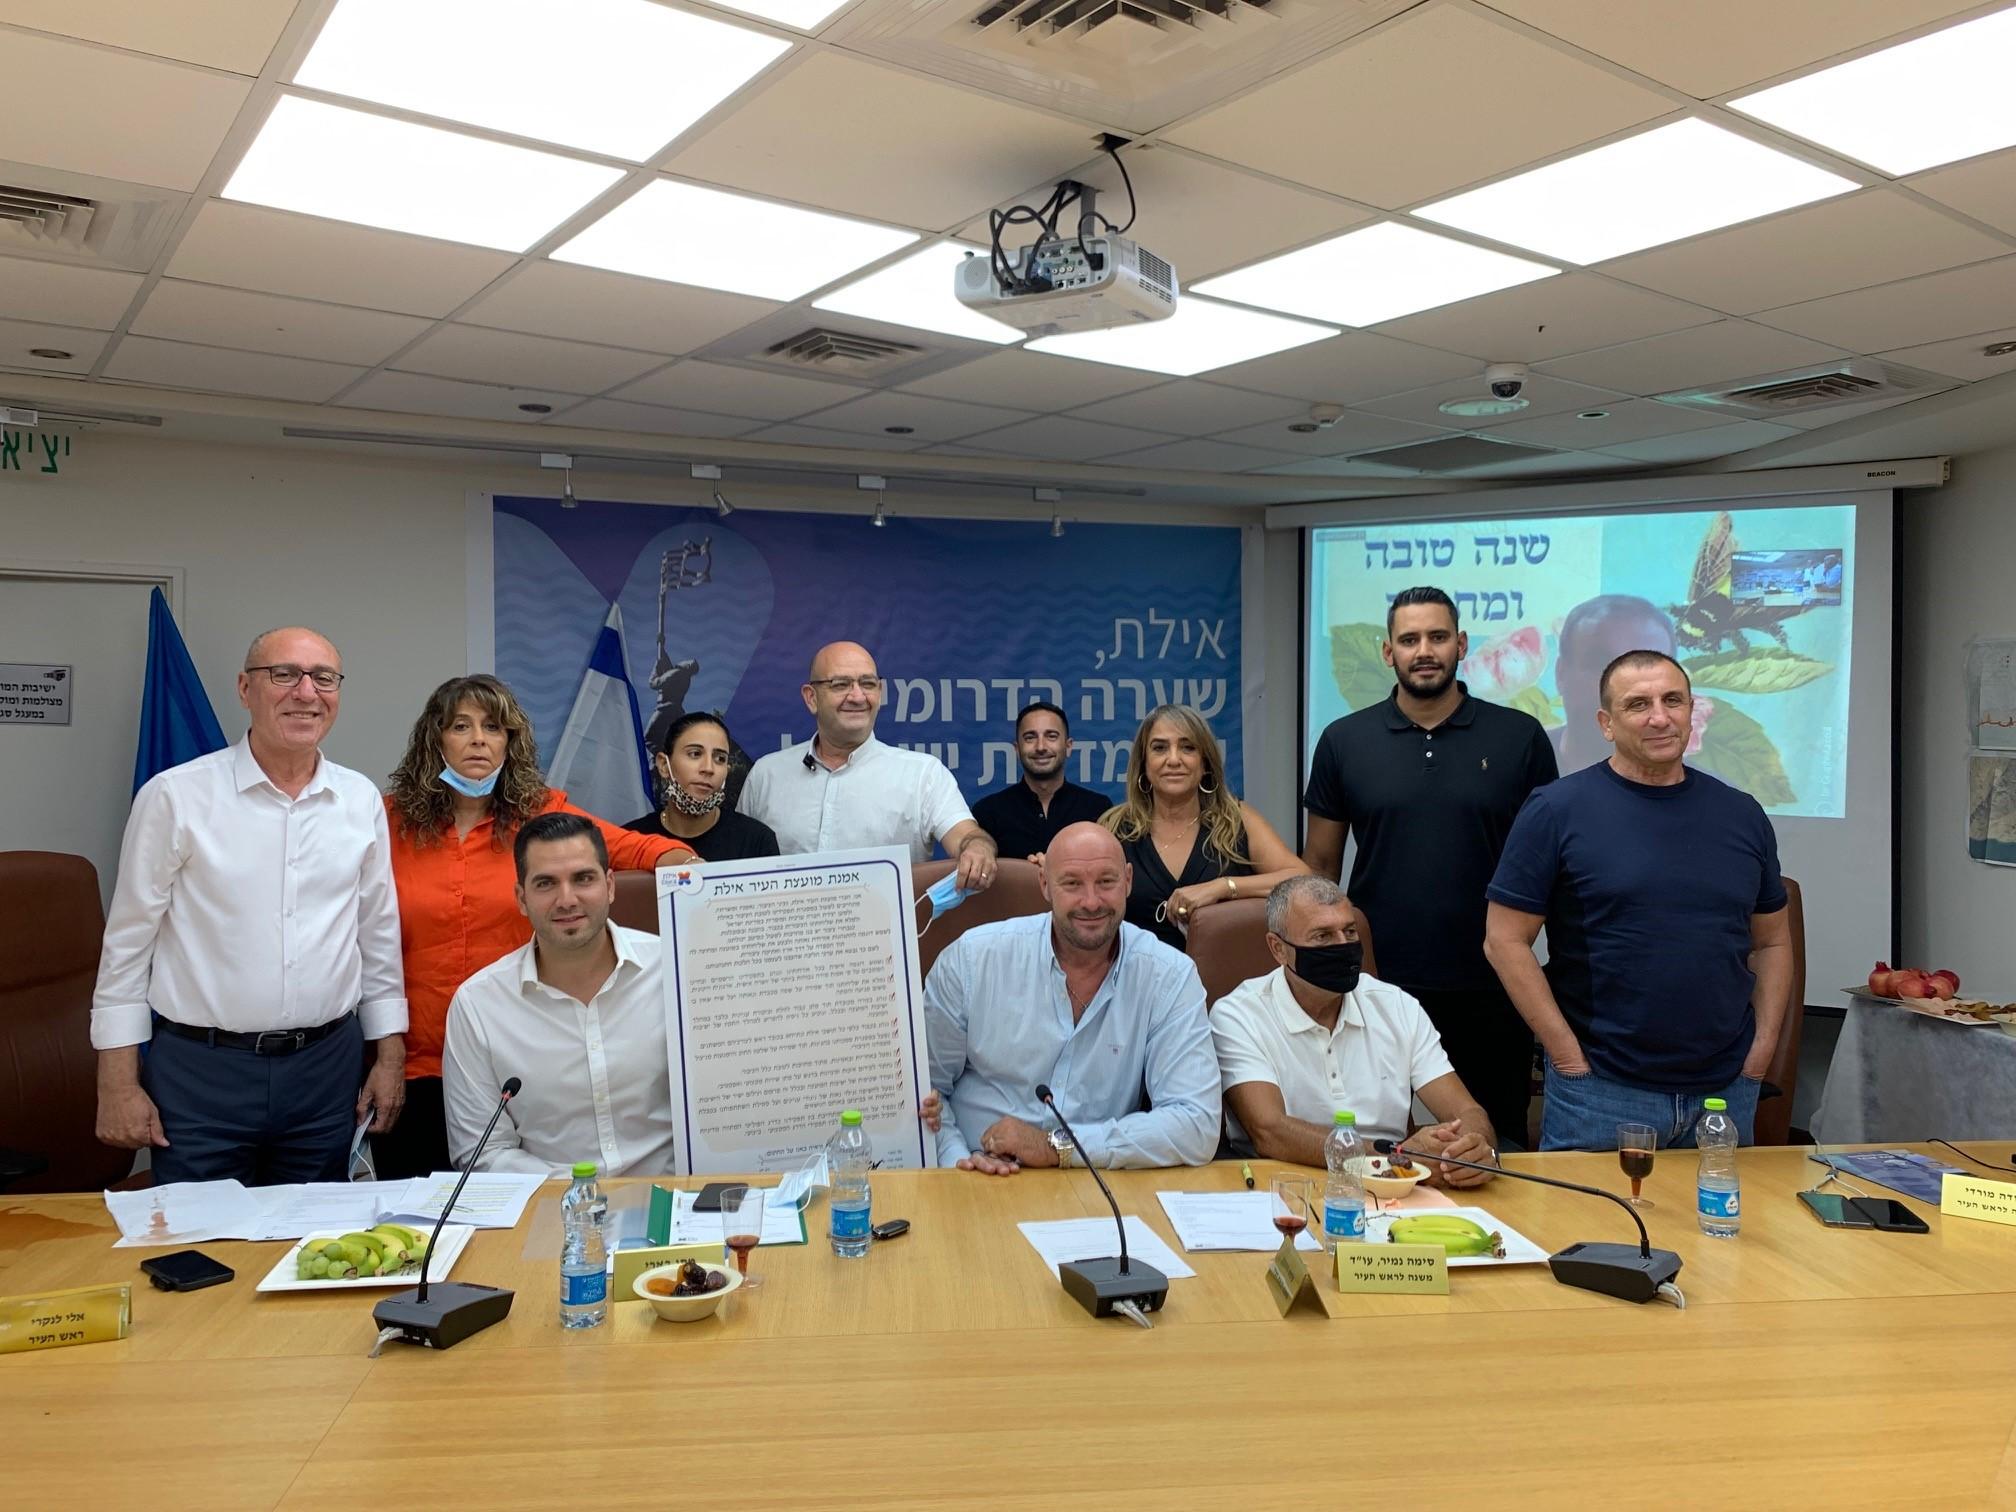 חברי המועצה והסגנים החדשים חתמו על אמנה